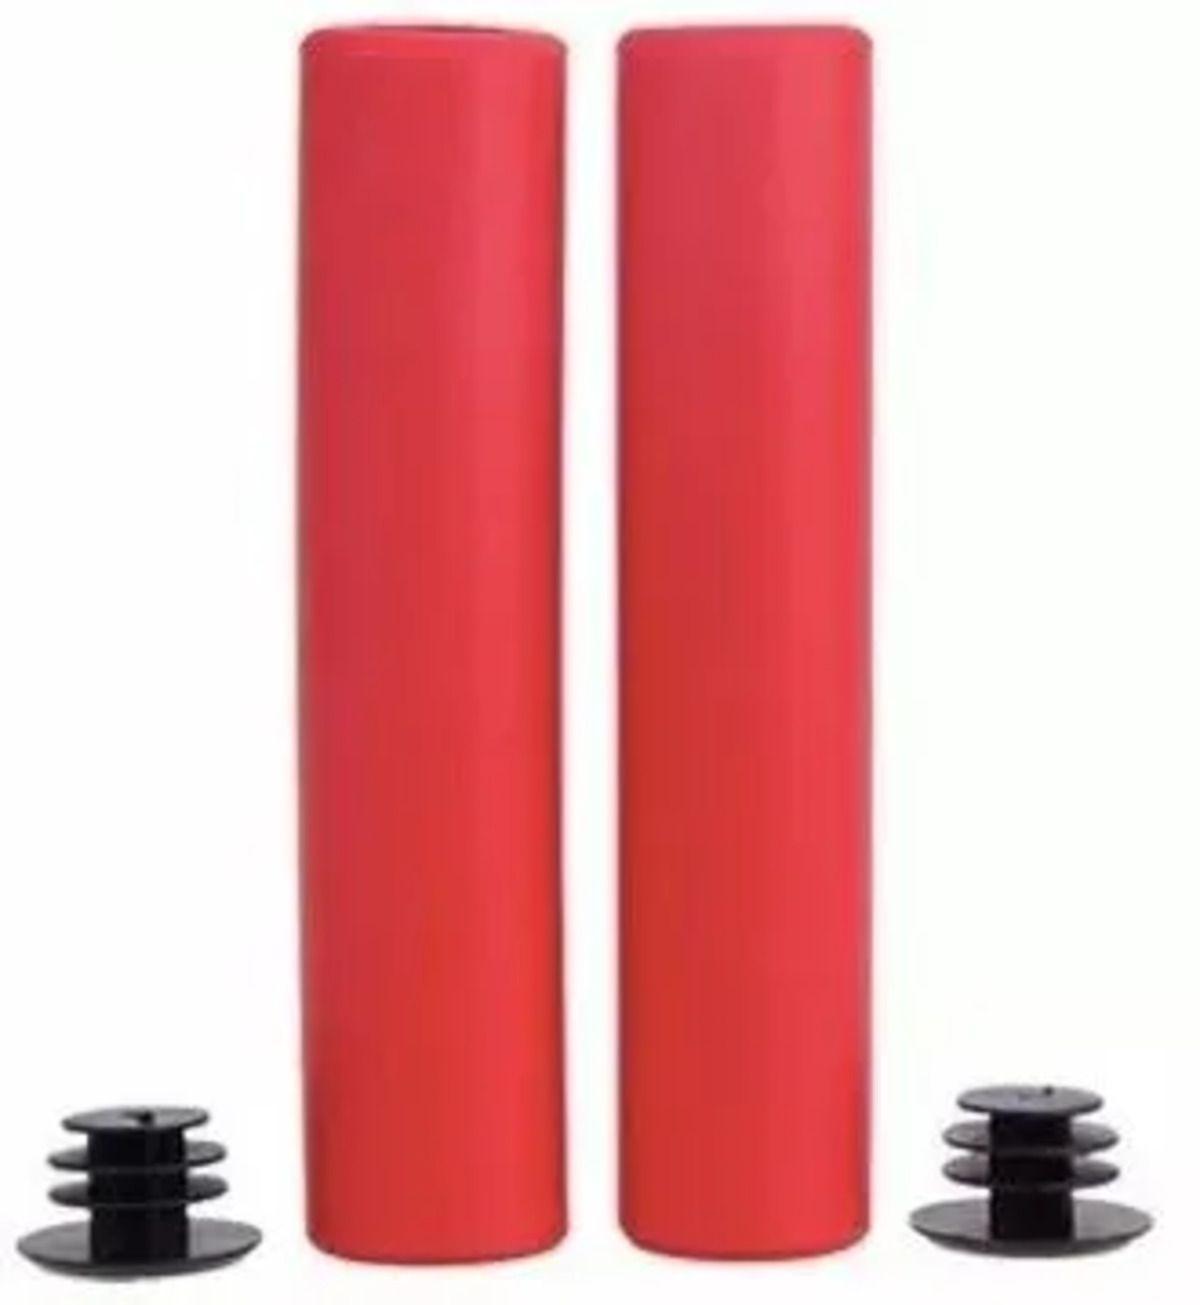 Manopla Para bicicleta Silicone 135mm Punho Grip Vermelha